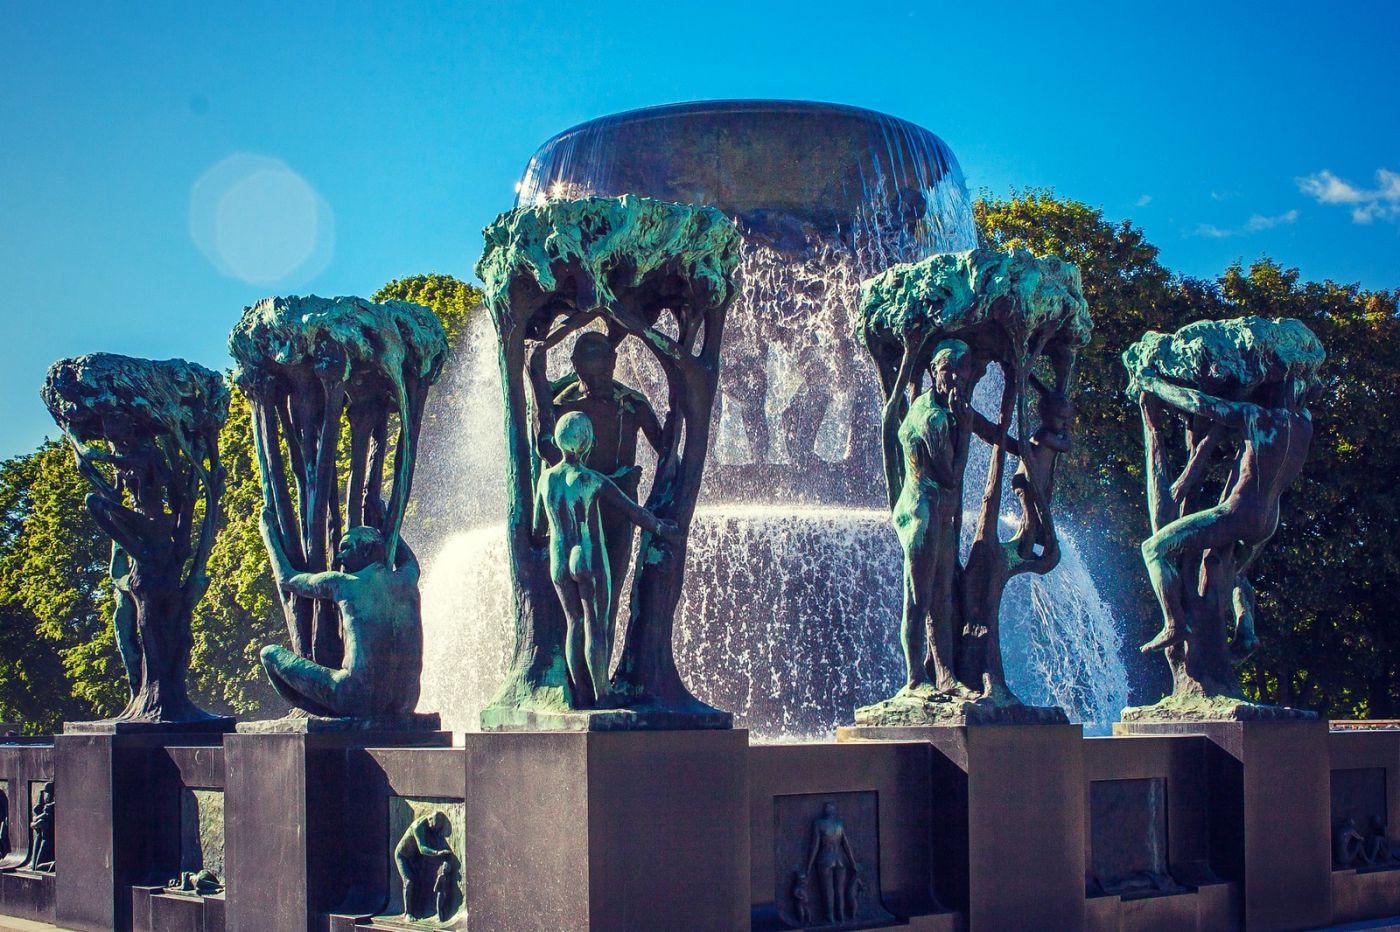 挪威维格兰雕塑公园,风格明显_图1-9